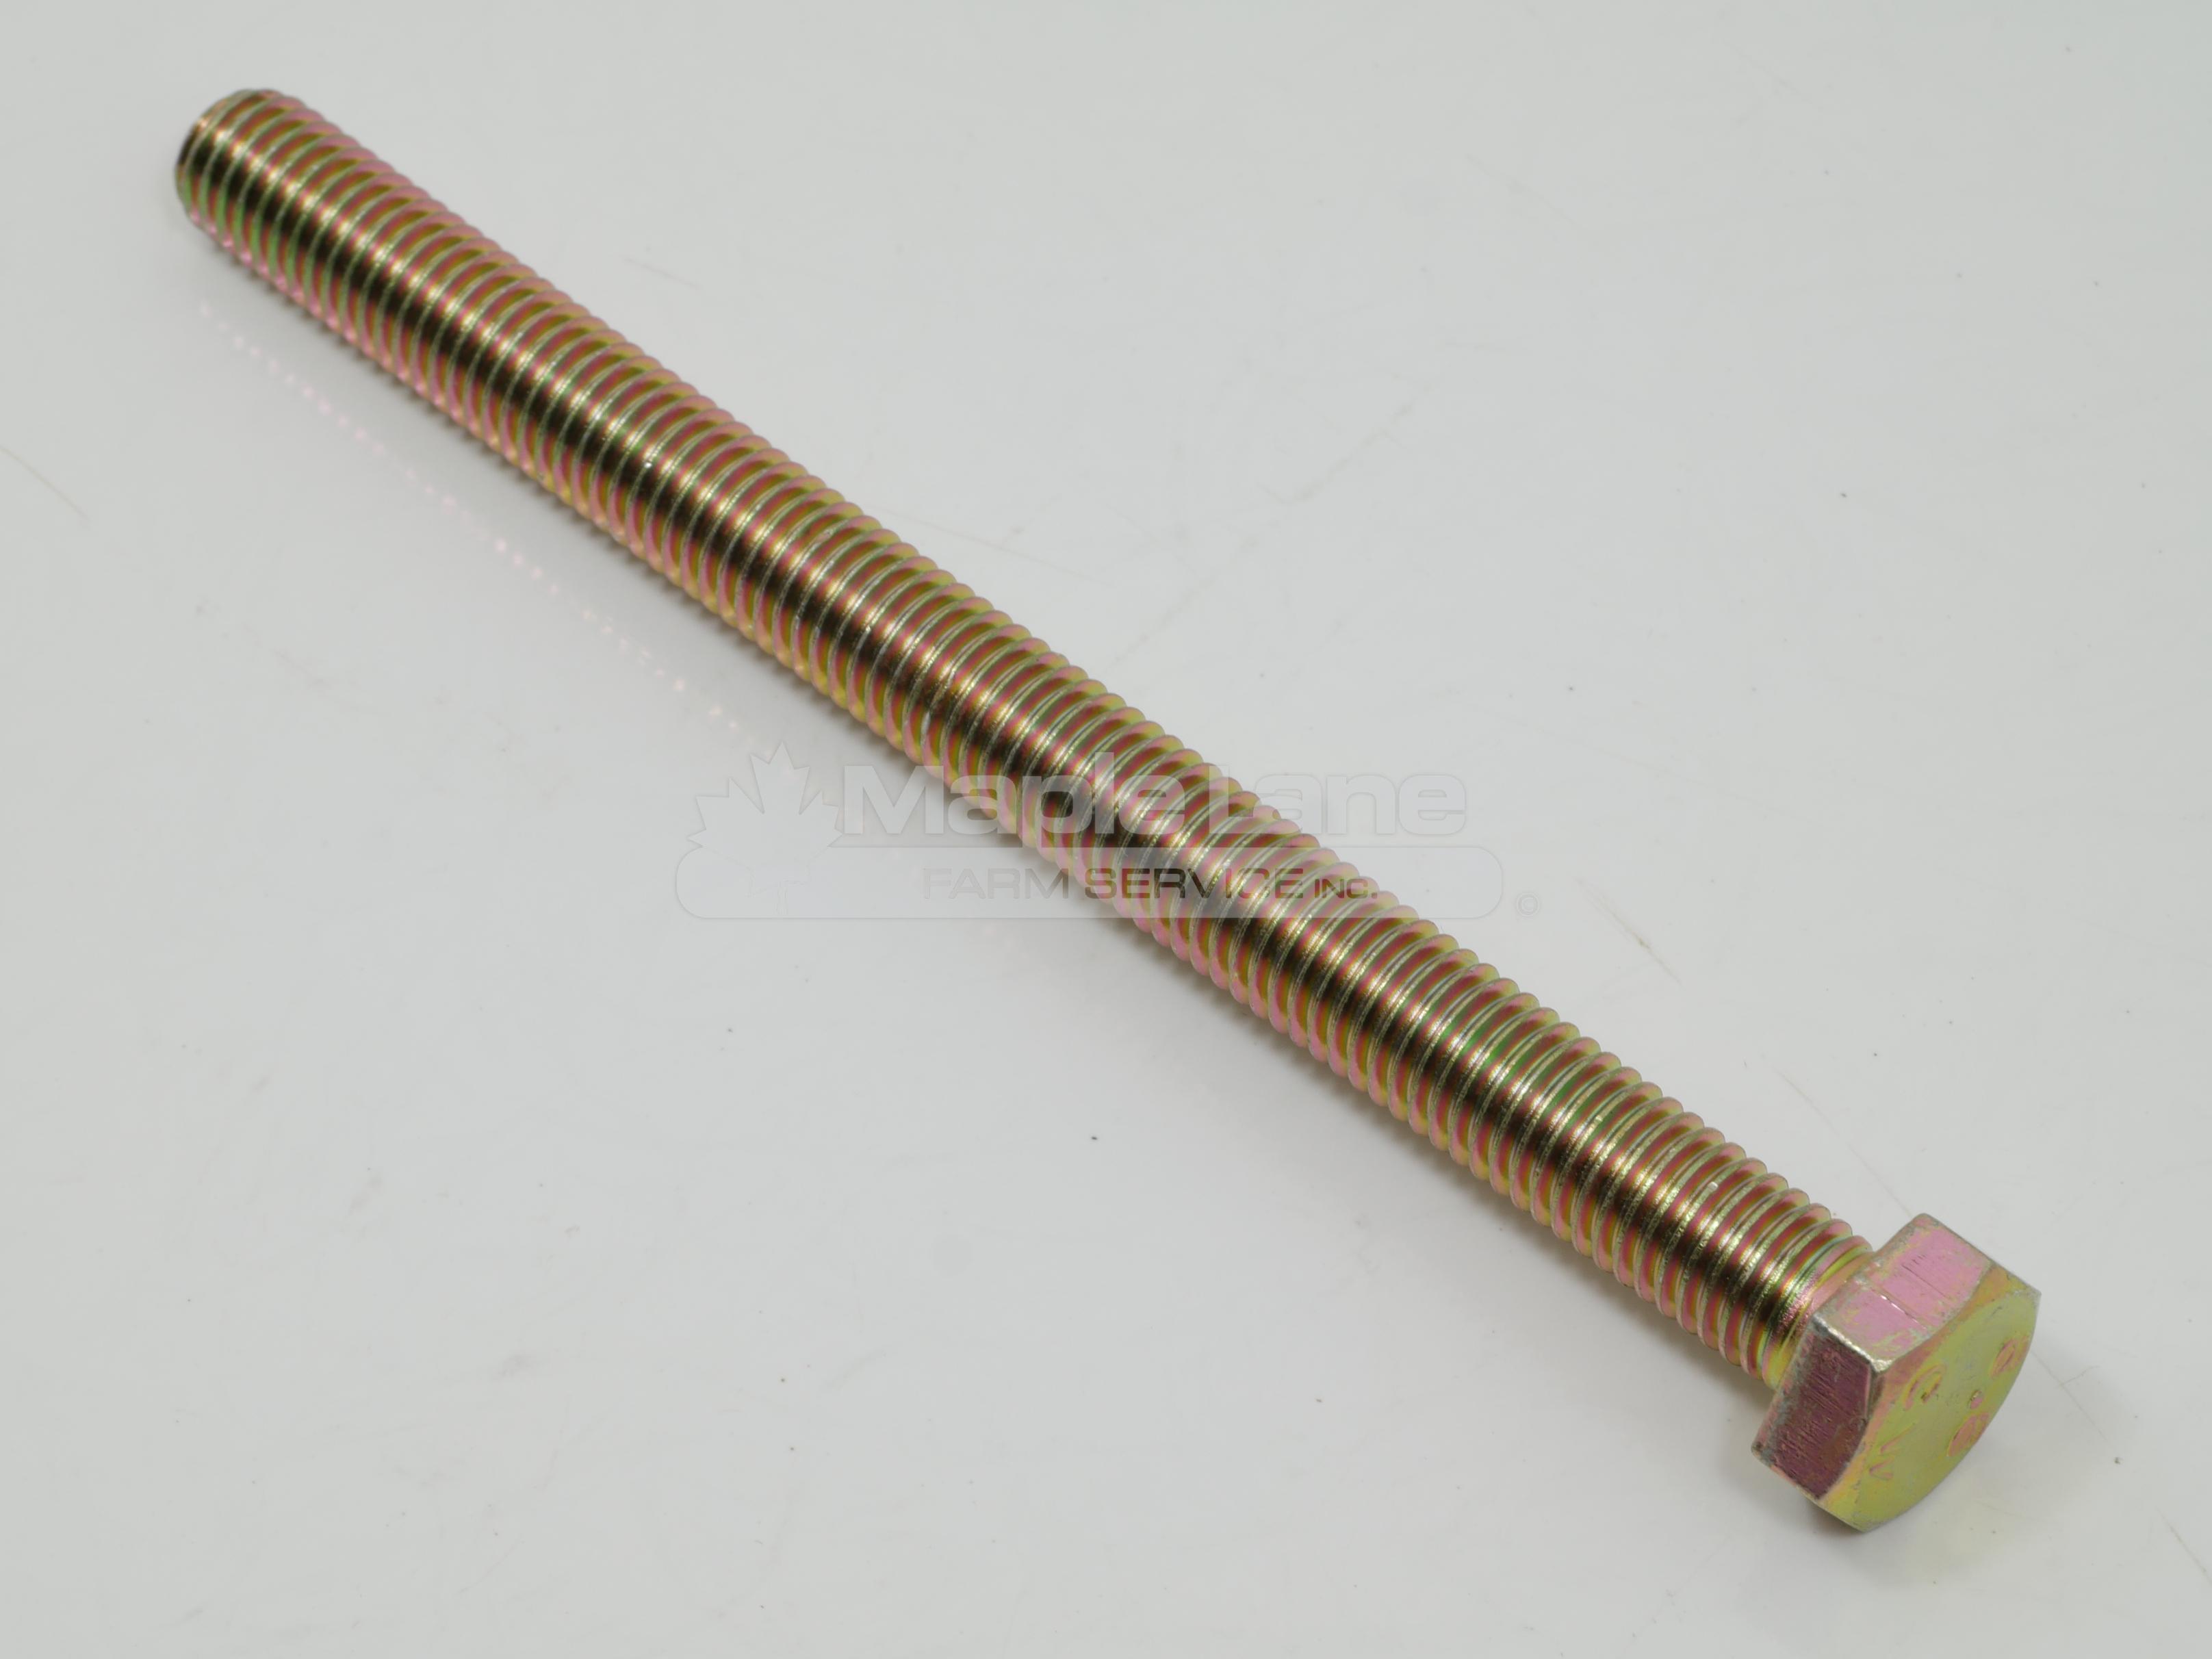 72315720 Full Thread Bolt